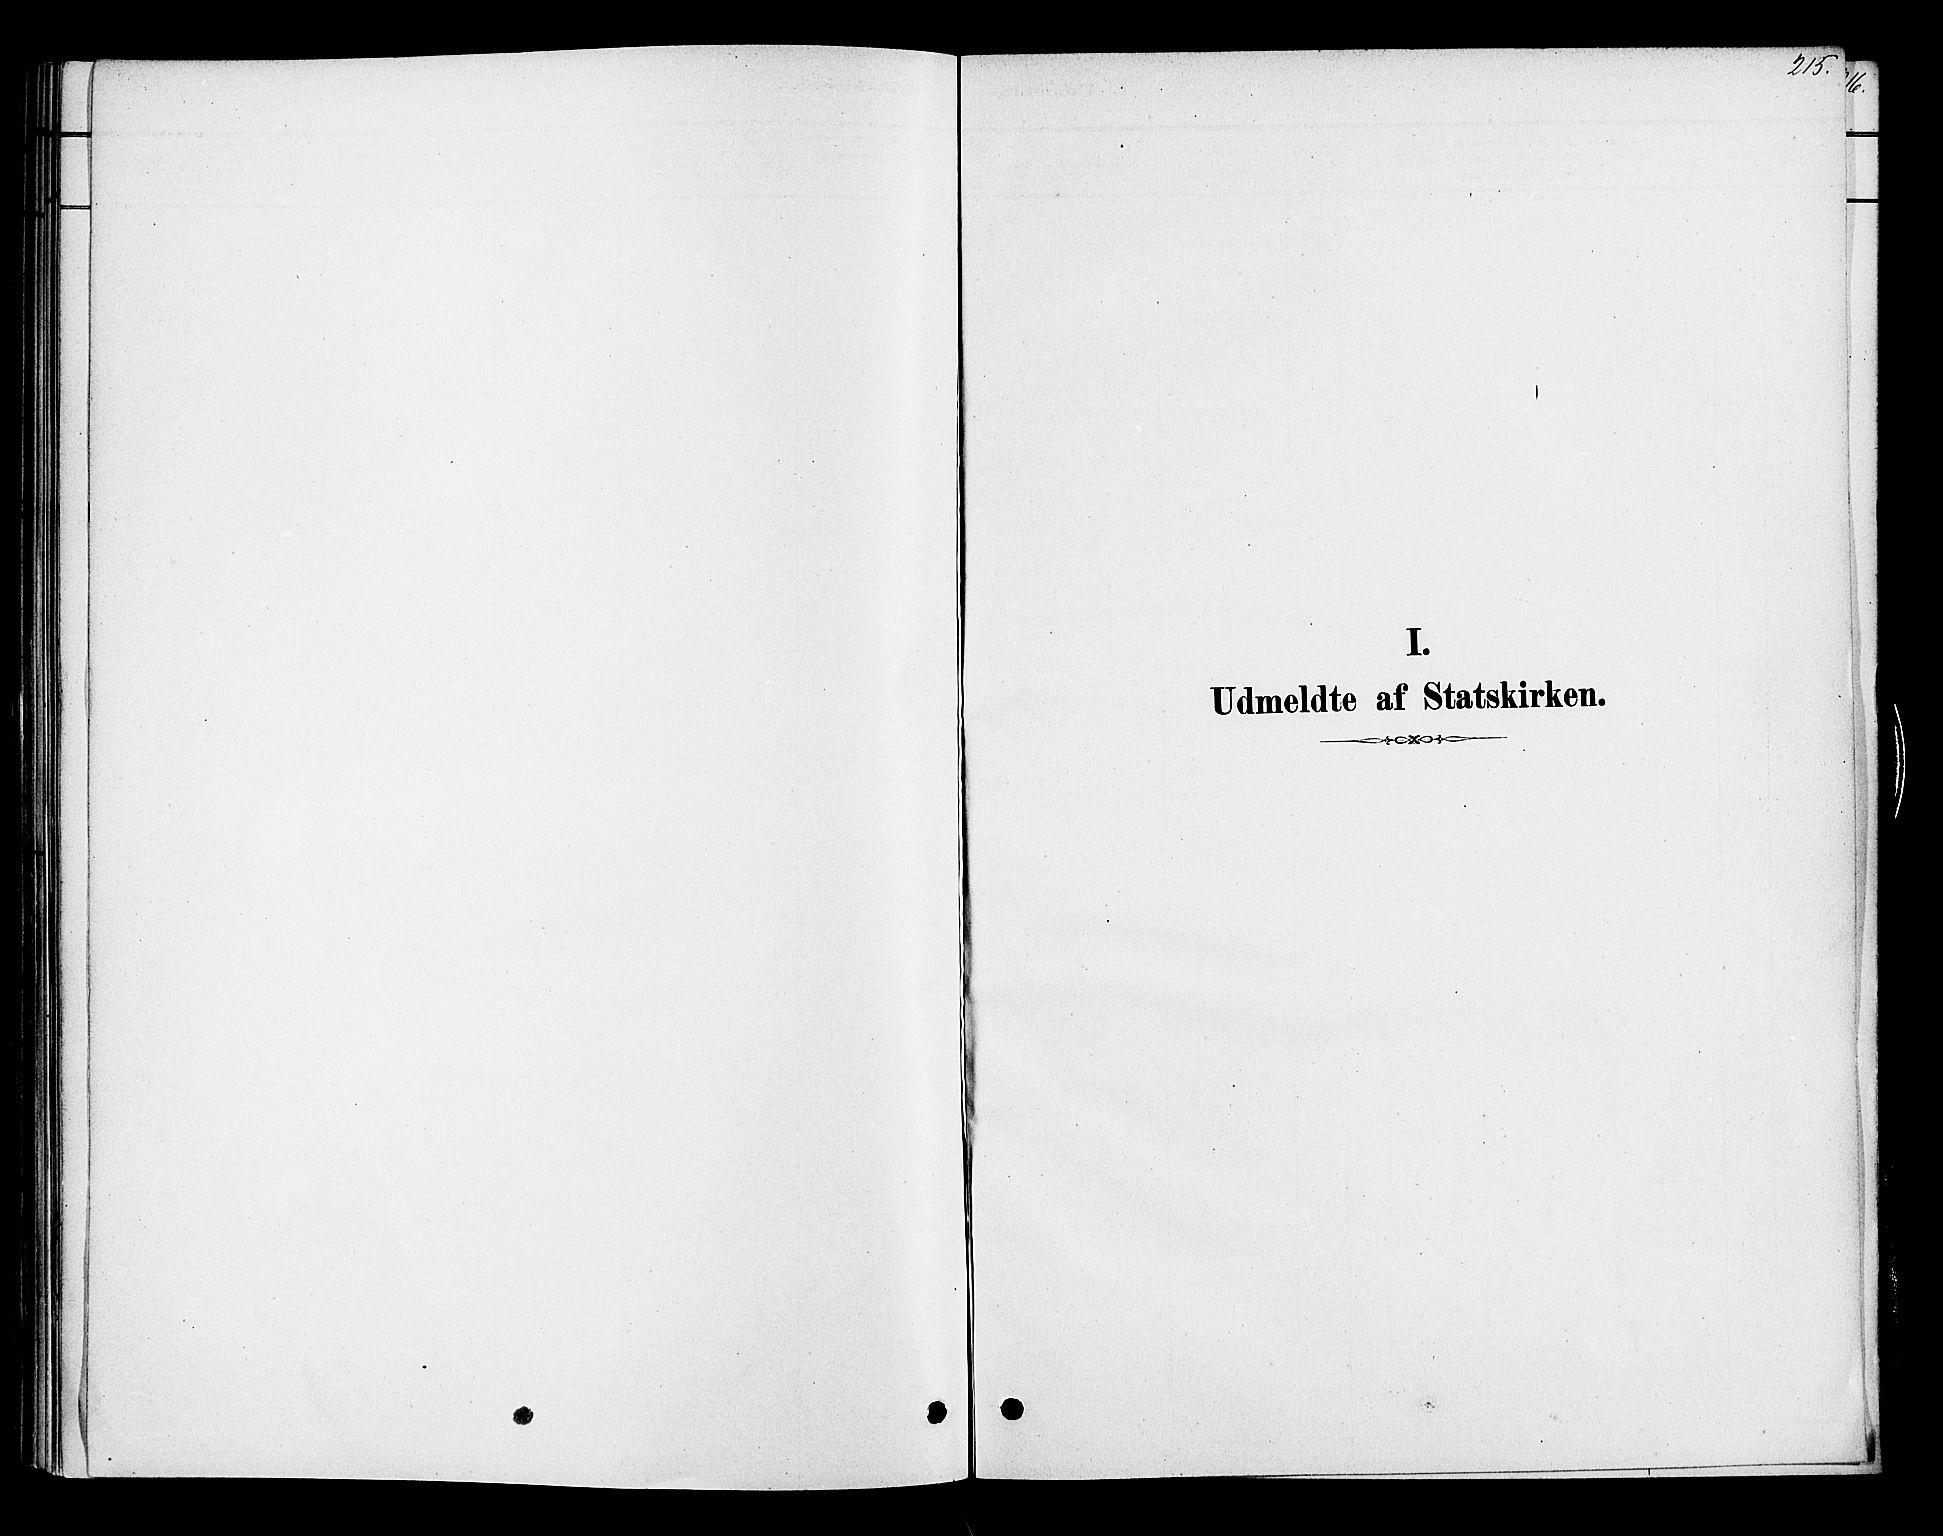 SAH, Ringsaker prestekontor, K/Ka/L0013: Ministerialbok nr. 13, 1879-1890, s. 215